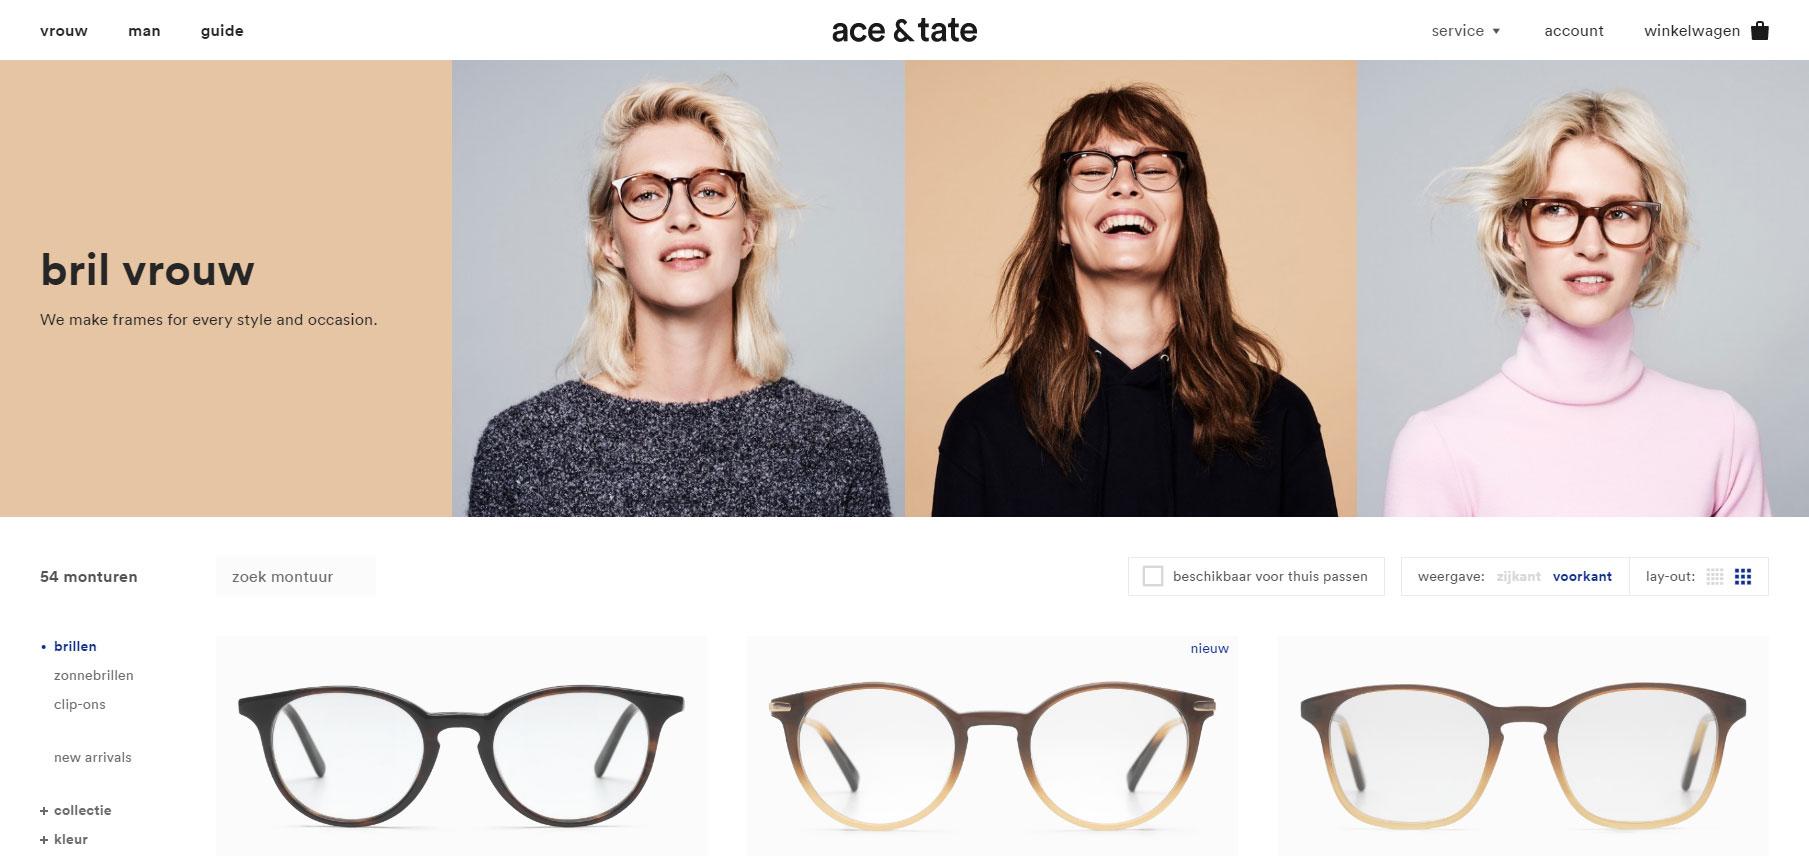 website Ace & Tate